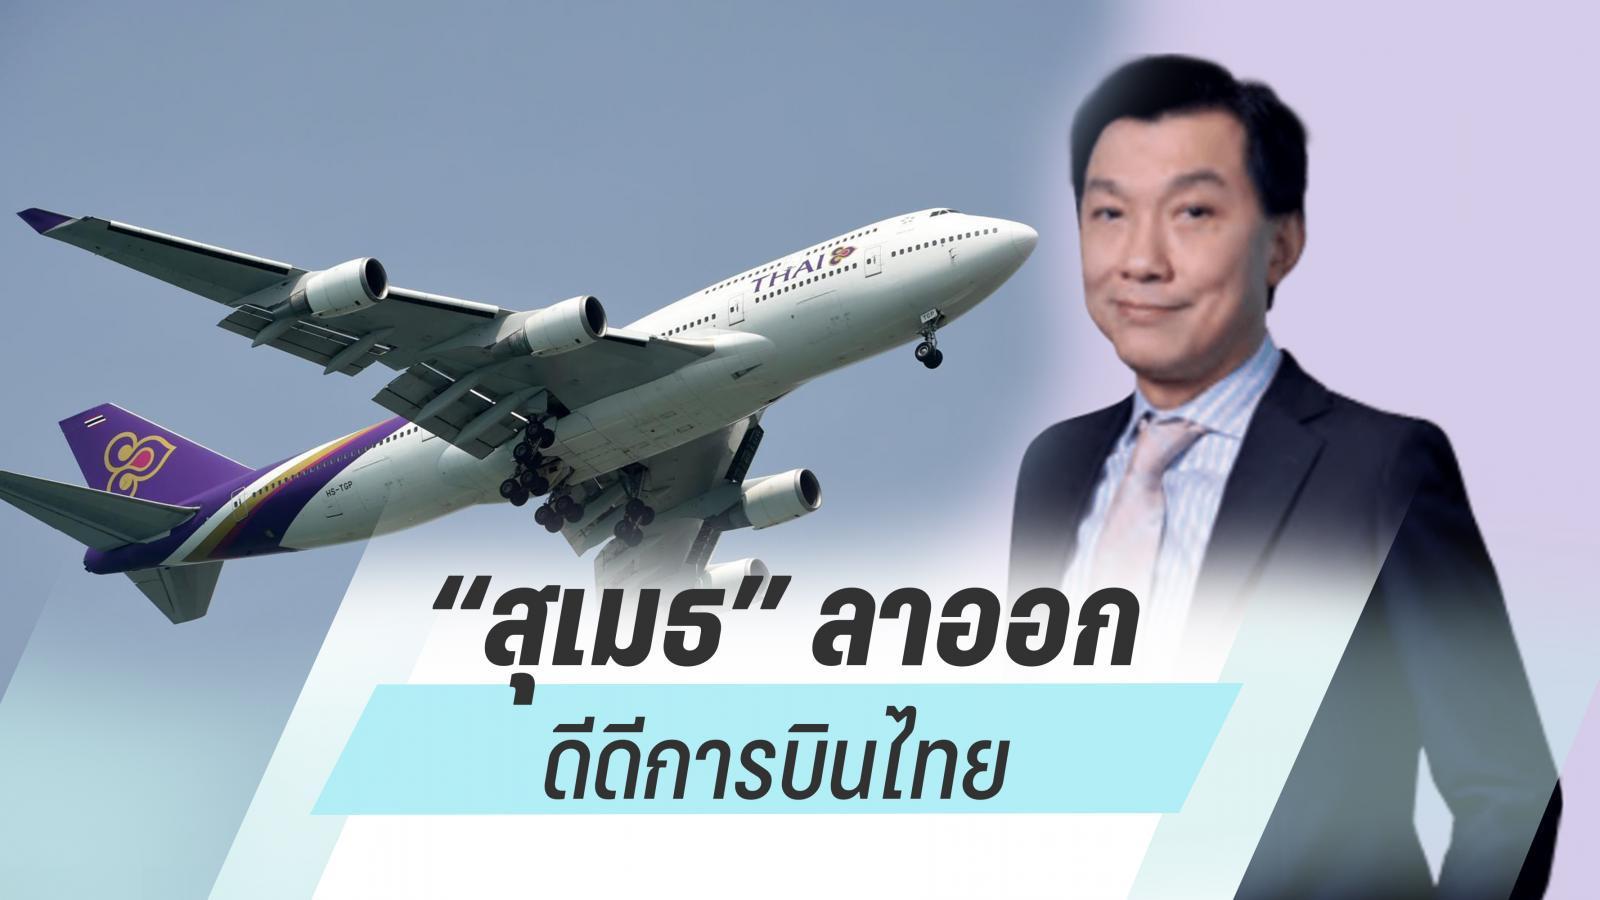 """""""สุเมธ"""" ลาออก ดีดีการบินไทย มีผล 11 เม.ย.นี้"""